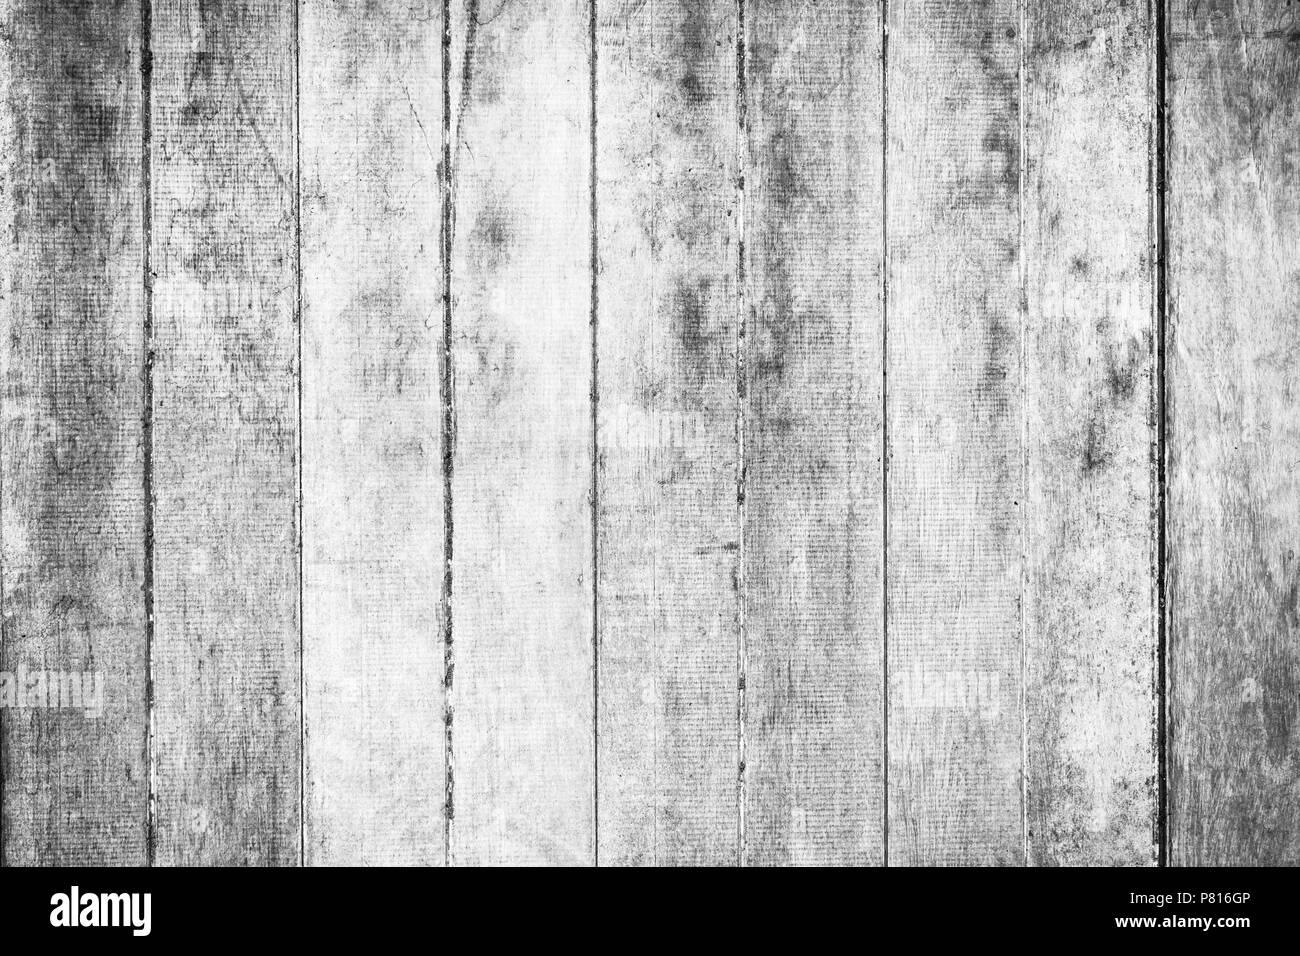 Pareti In Legno Bianco : Pareti in legno texture in bianco e nero di sfondo rustico